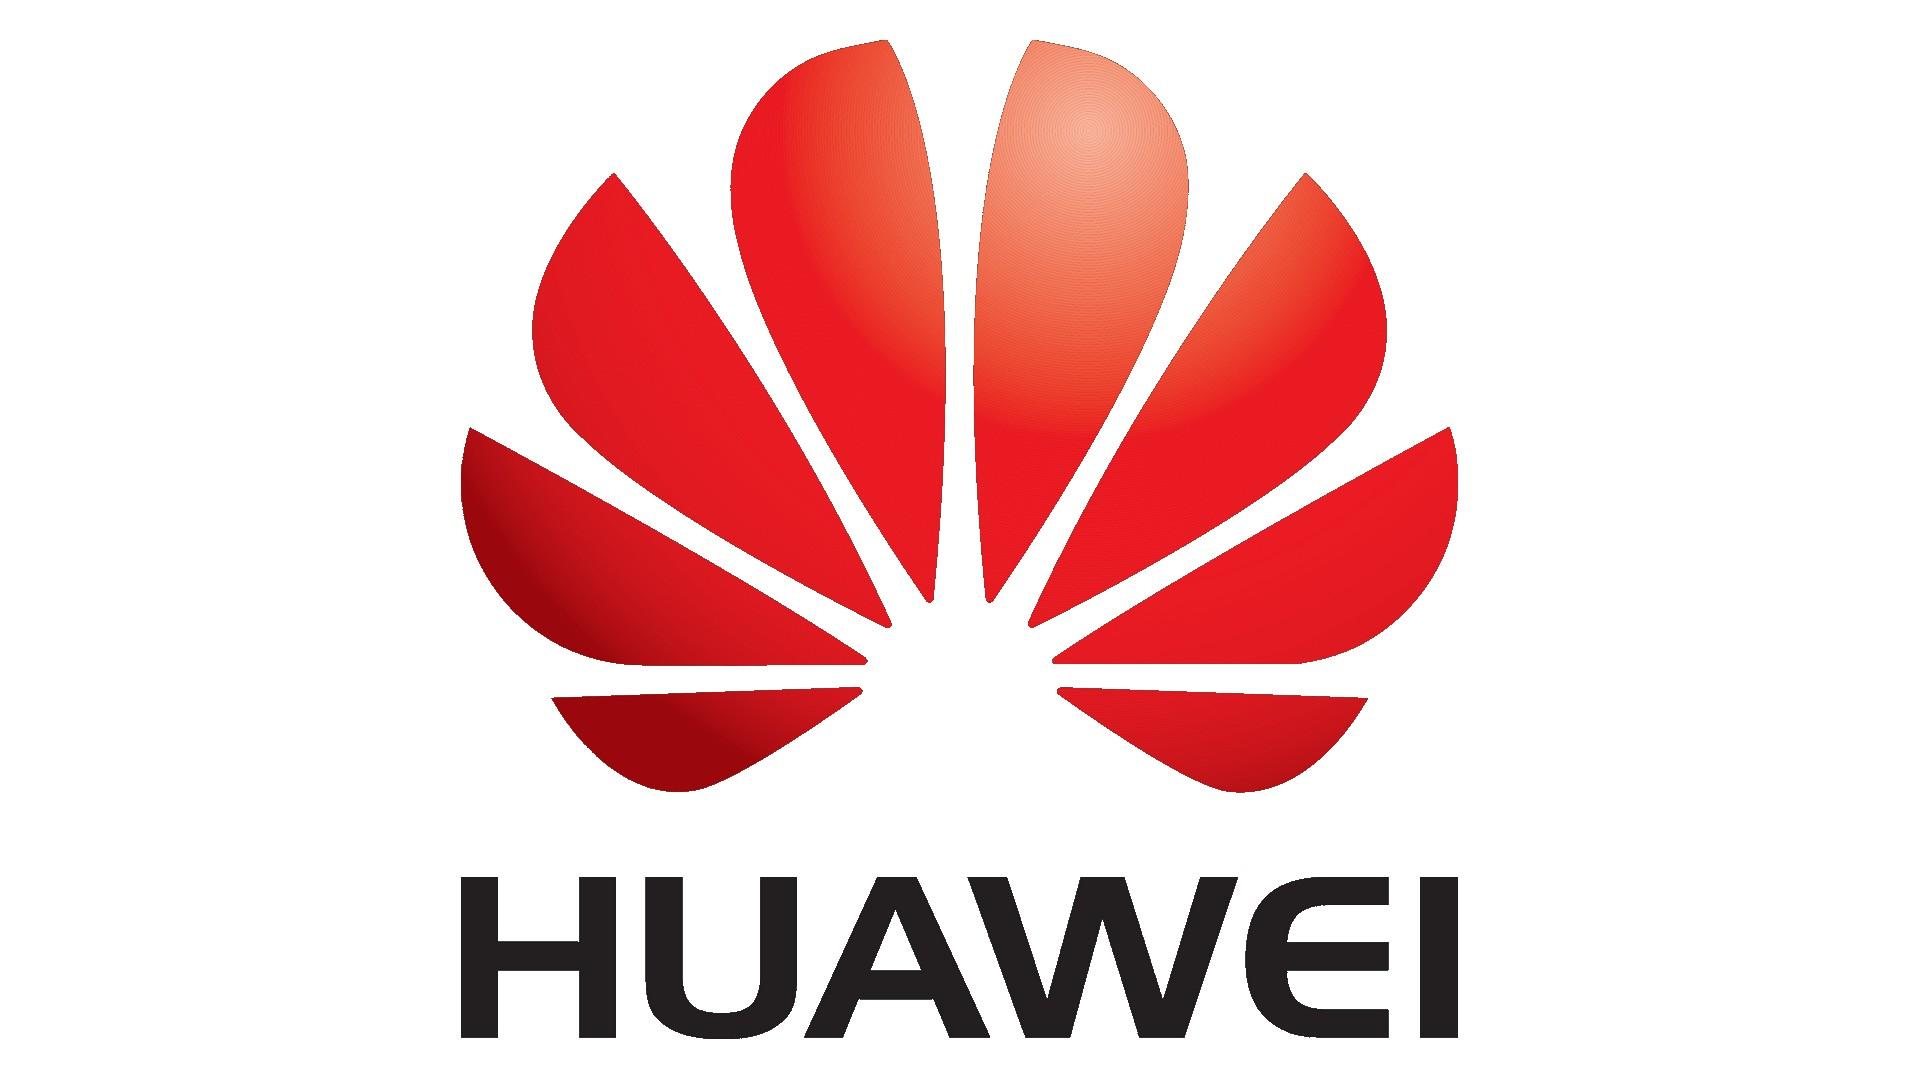 Huawei (1) Logo